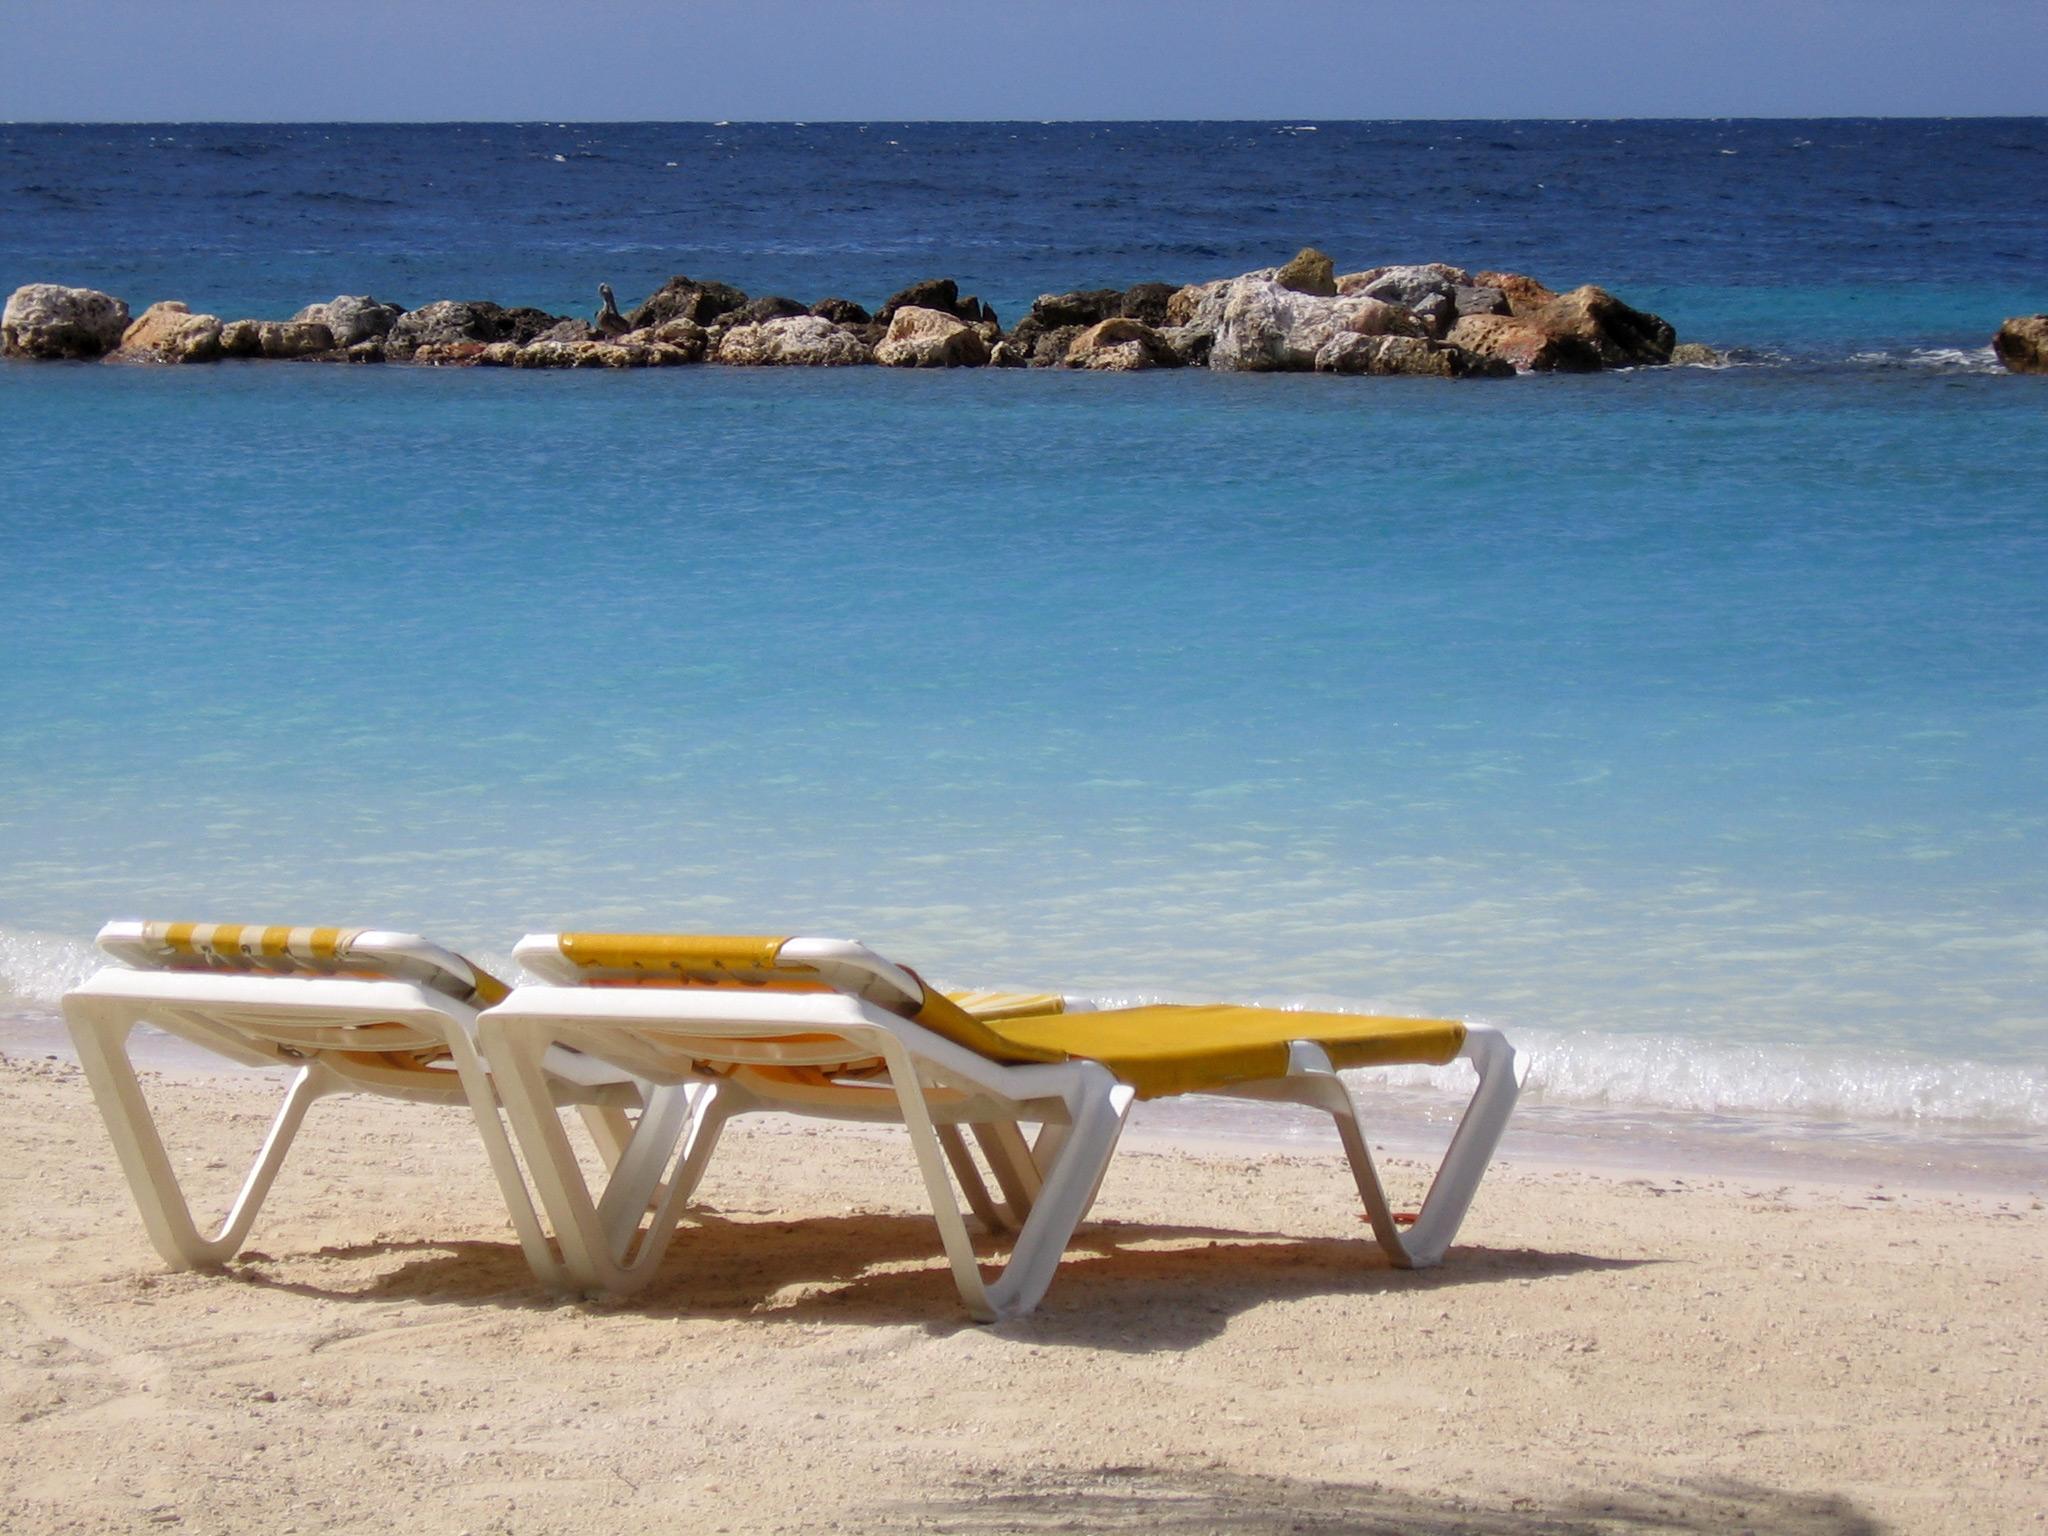 Beach with chairs - Beach Umbrella Images Beach Chair Clipart Beach Chair Drawing Beach